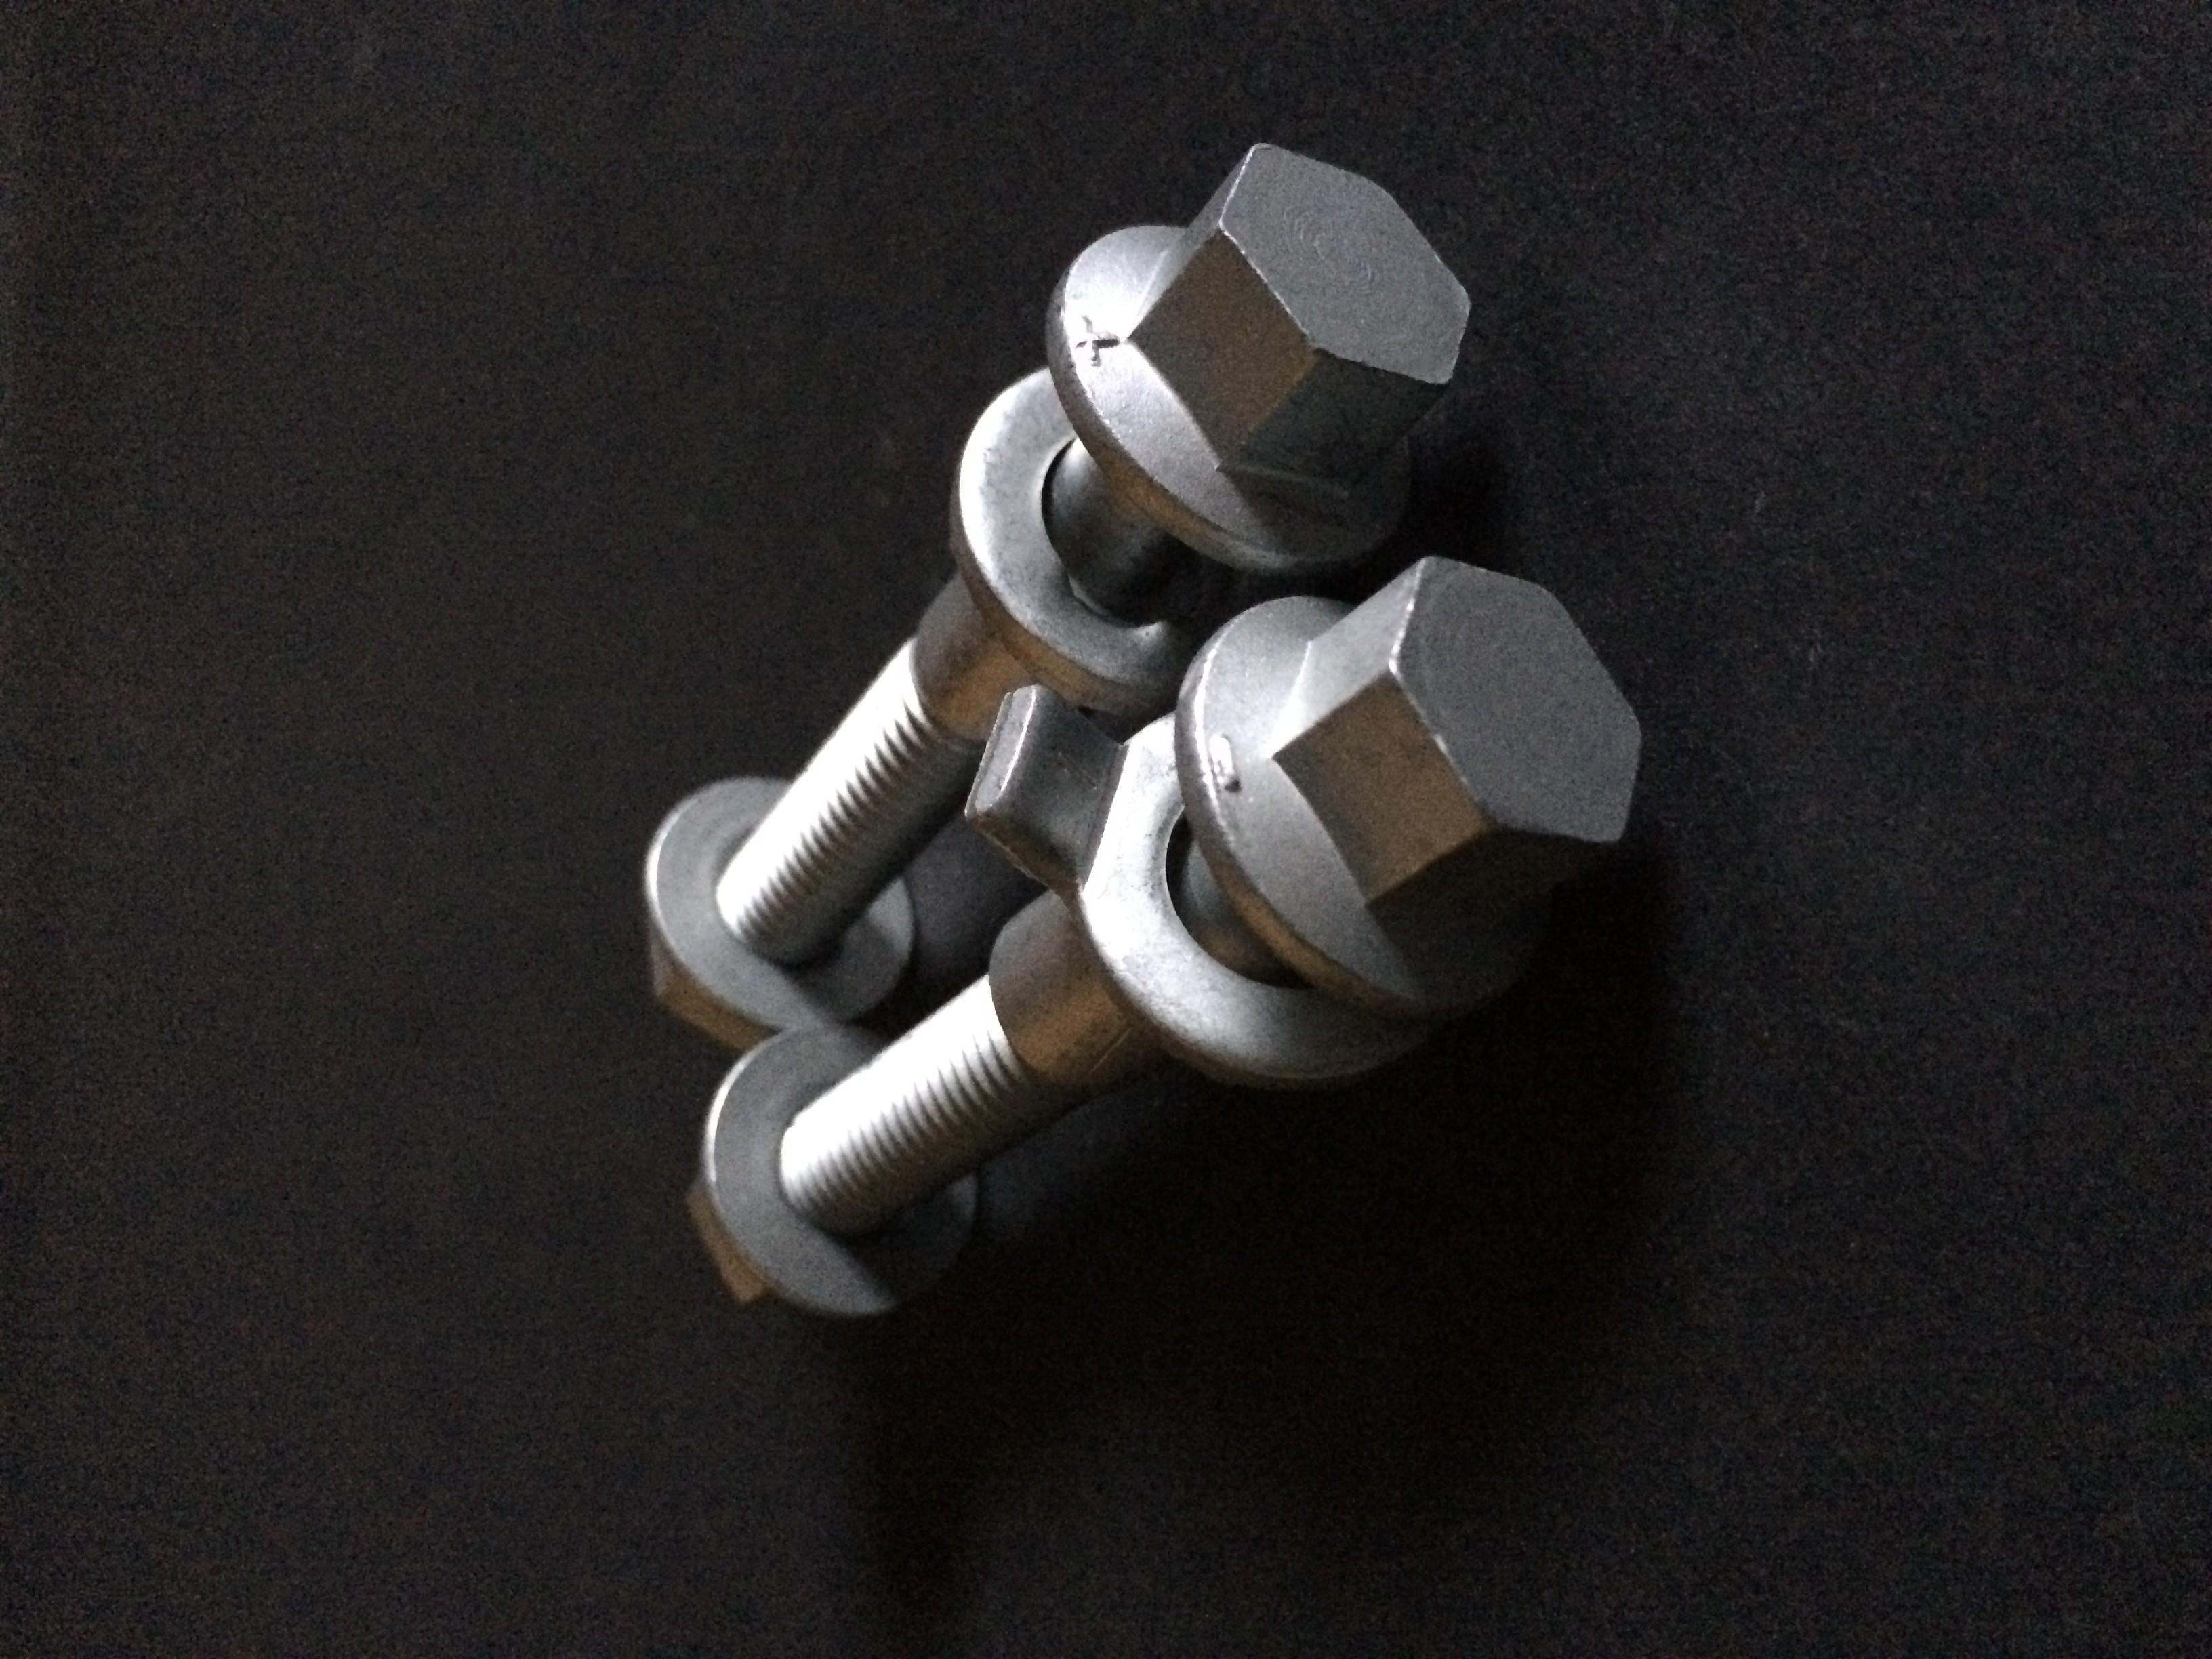 【汎用品】 キャンバー補正ボルト 12mm 2本1セット